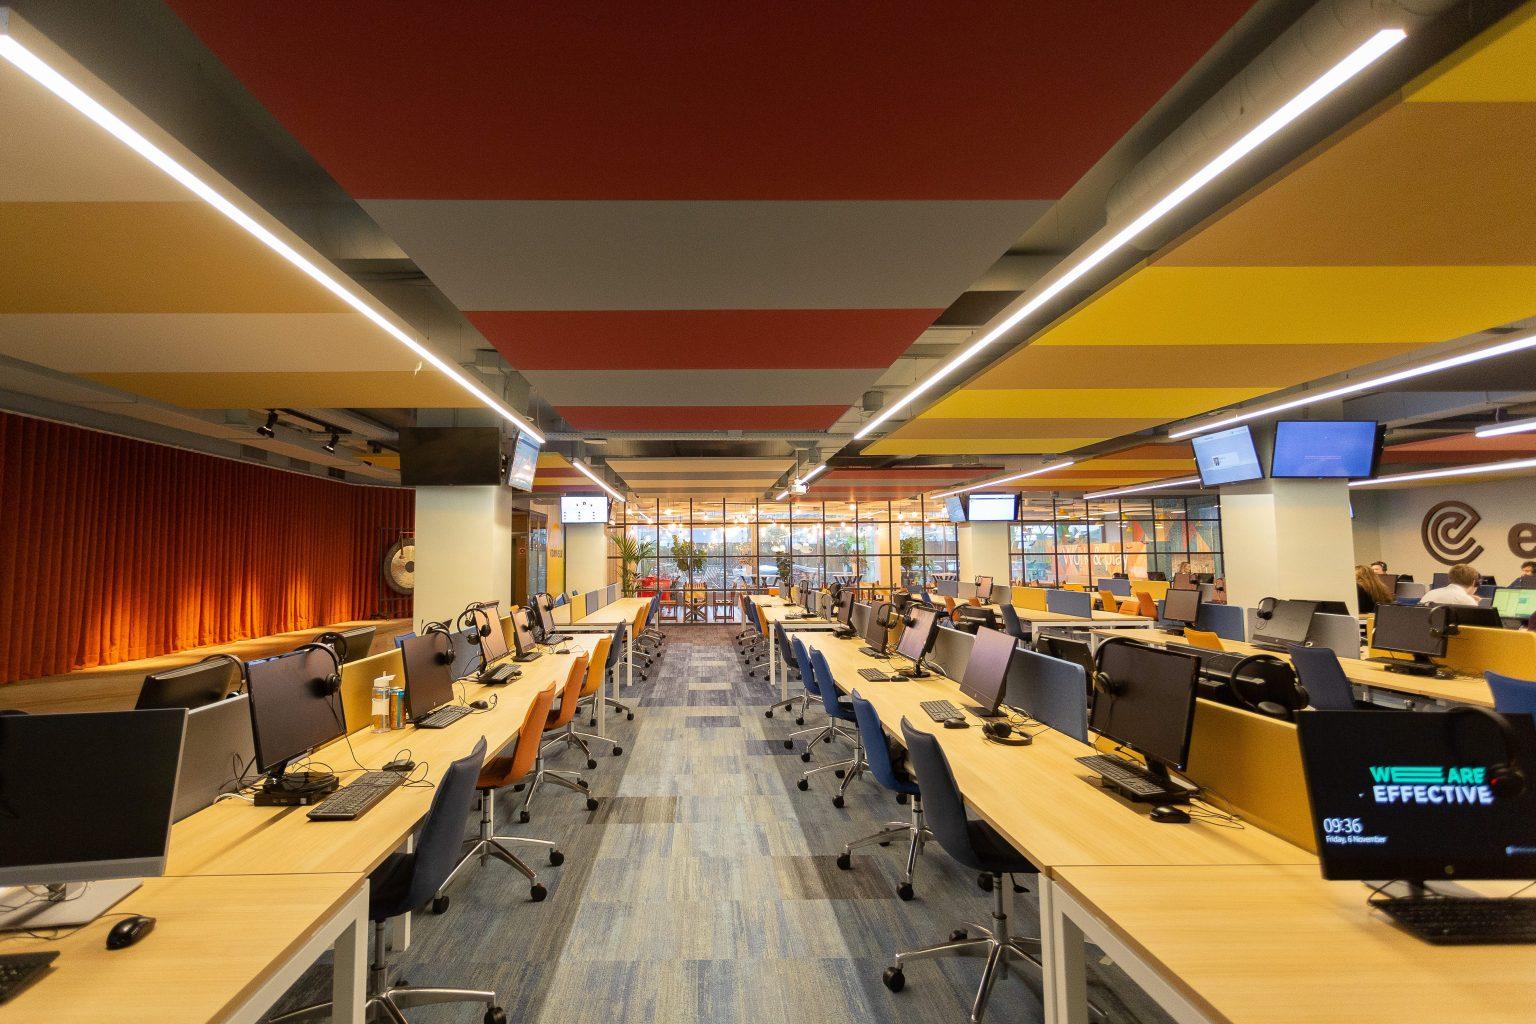 oficinas-effective-servicio-de-instalaciones-electricas